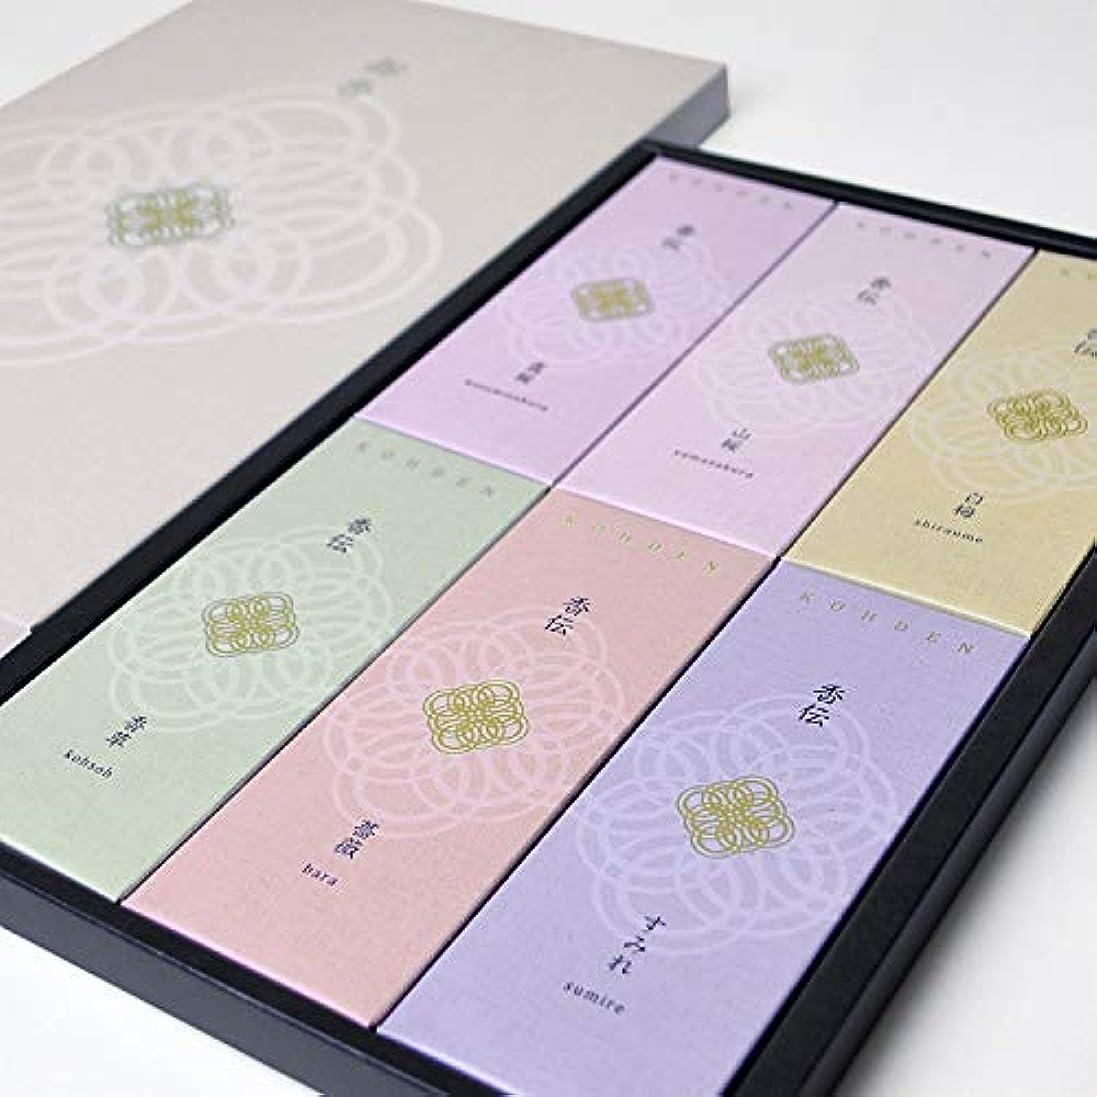 配管工作り上げるカエル(ポストに投函できる進物用)日本香堂 香伝 花の香り 線香6種類 1セット